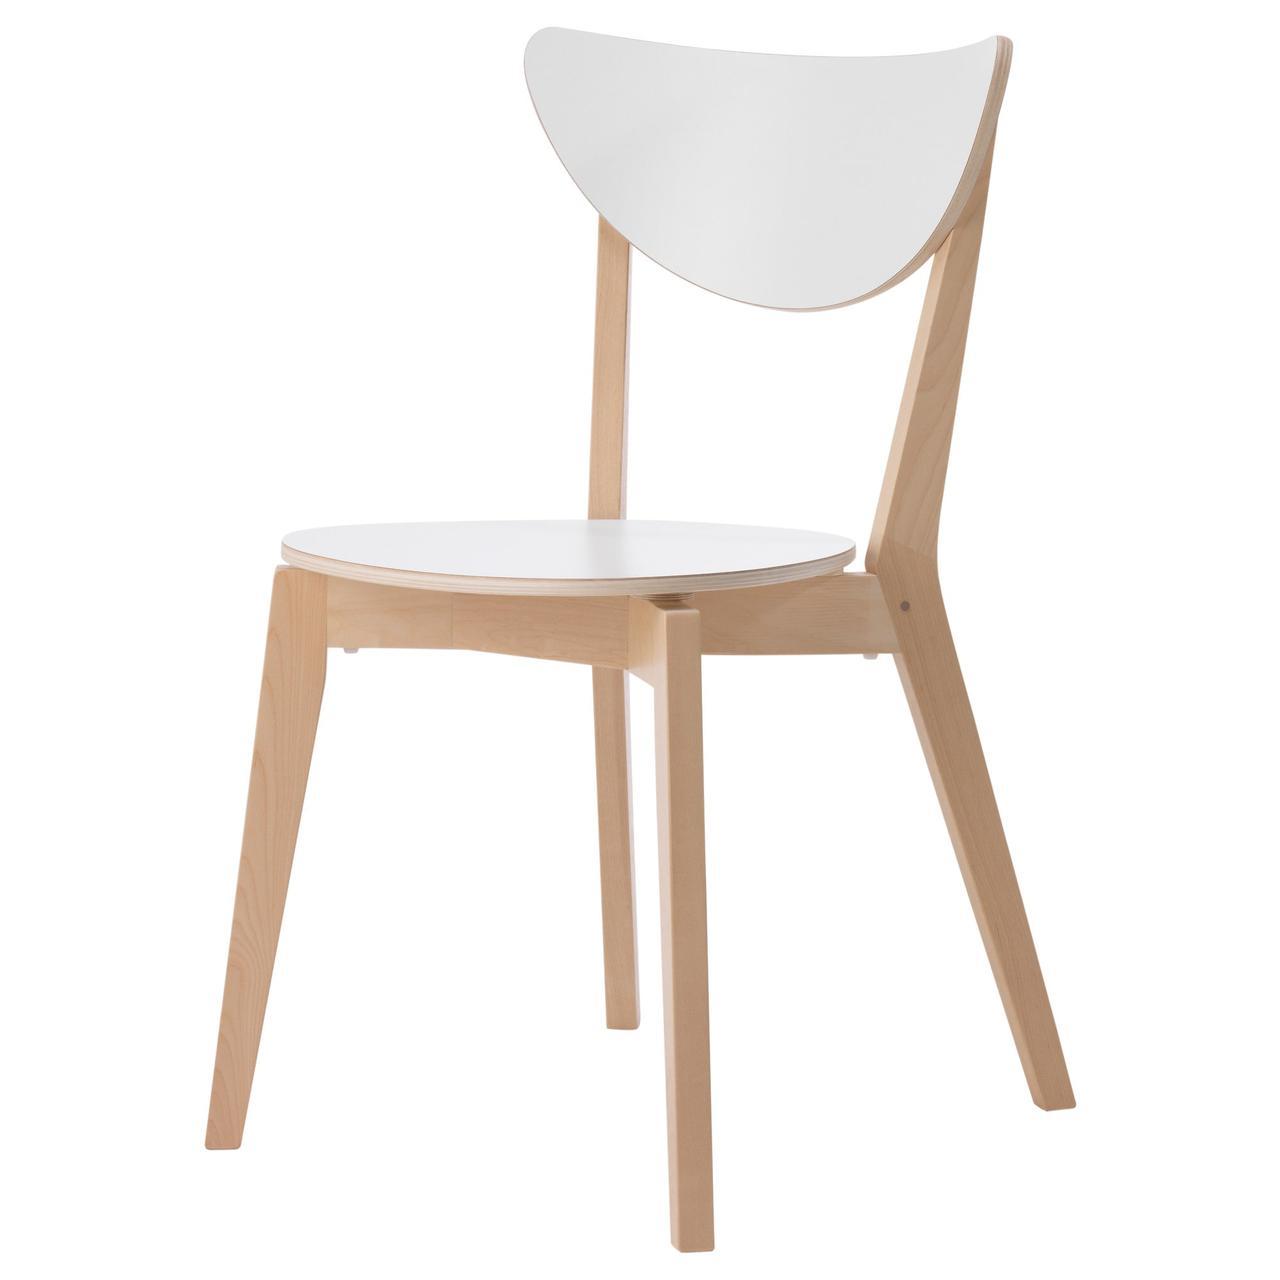 Кресло кухонное IKEA NORDMYRA береза 603.513.11